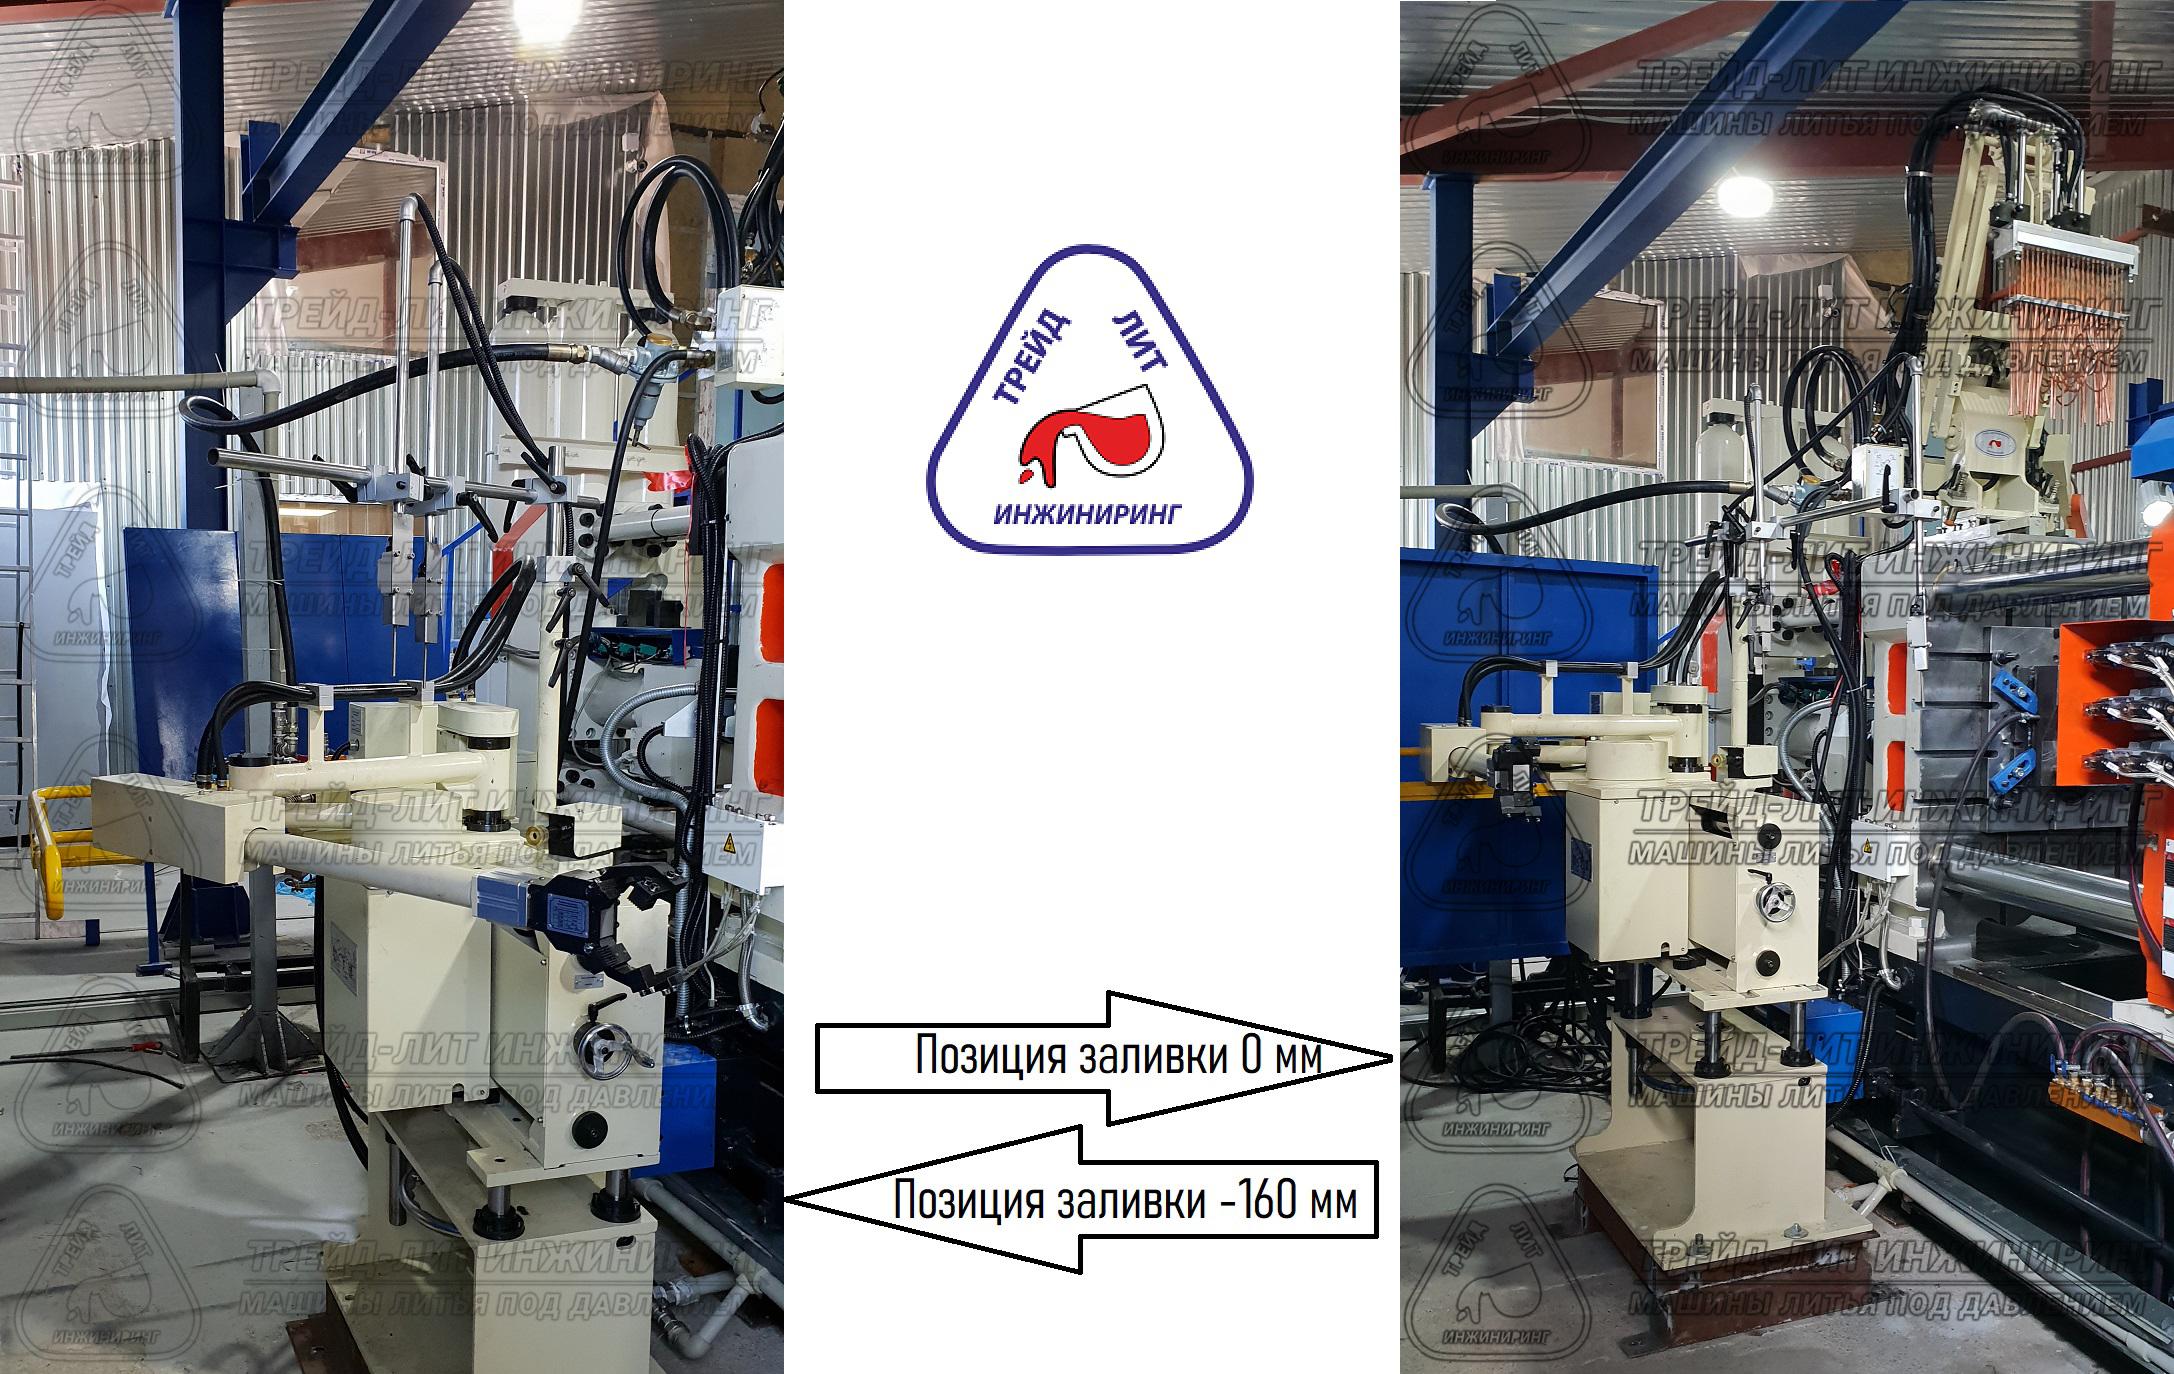 Положения заливки машины литья под давлением MS450 0 мм и -160 мм, с которыми работает манипулятор-съемщик